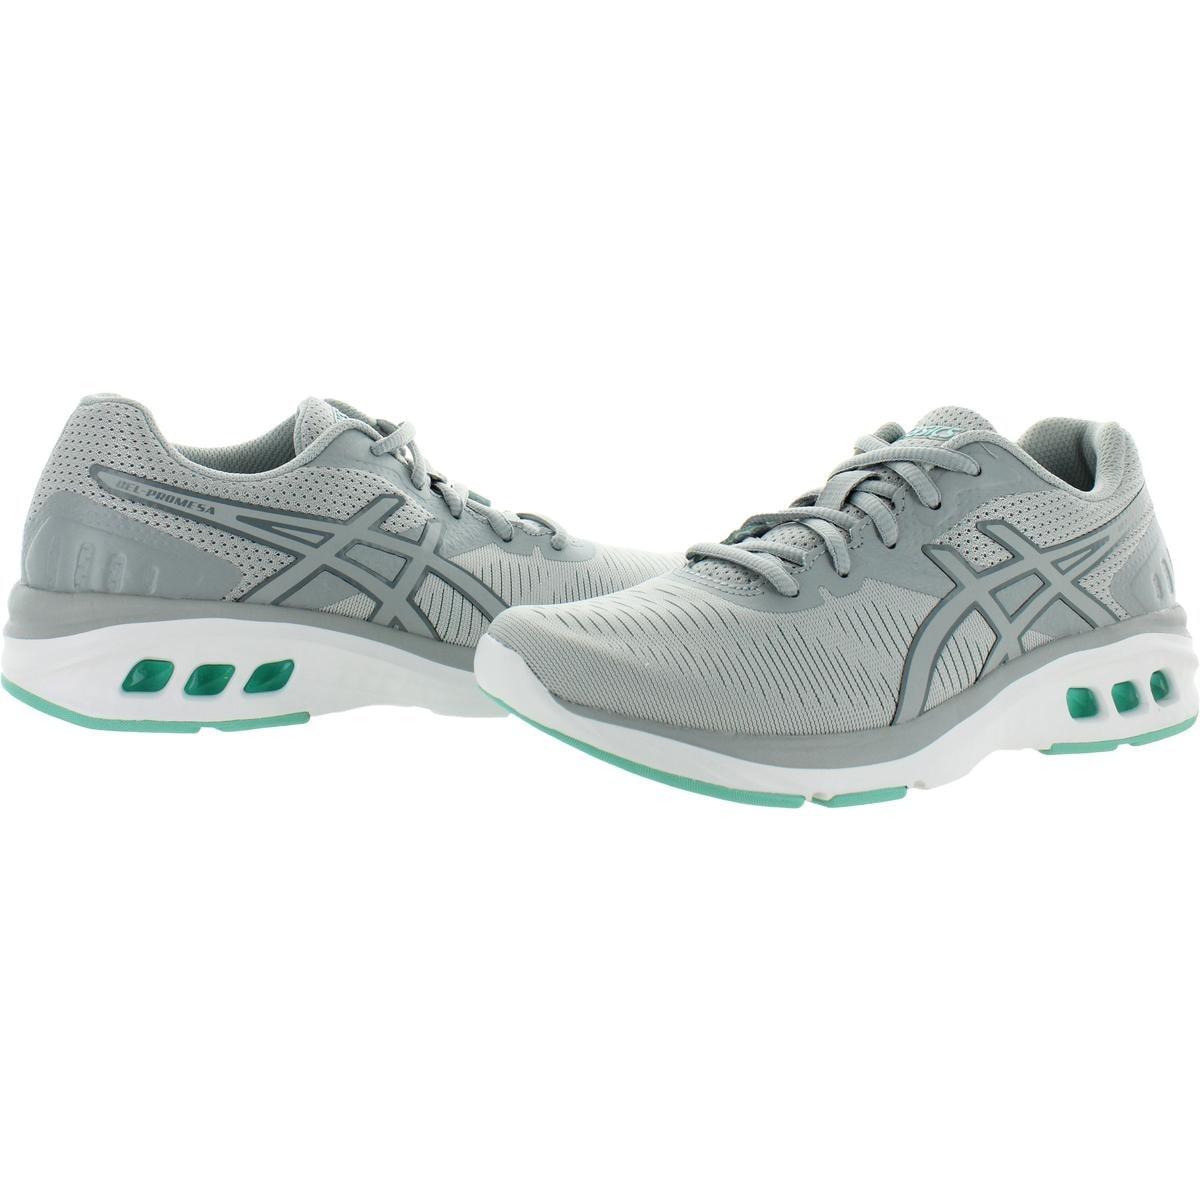 Shop Asics Womens Gel-Promesa Sneakers